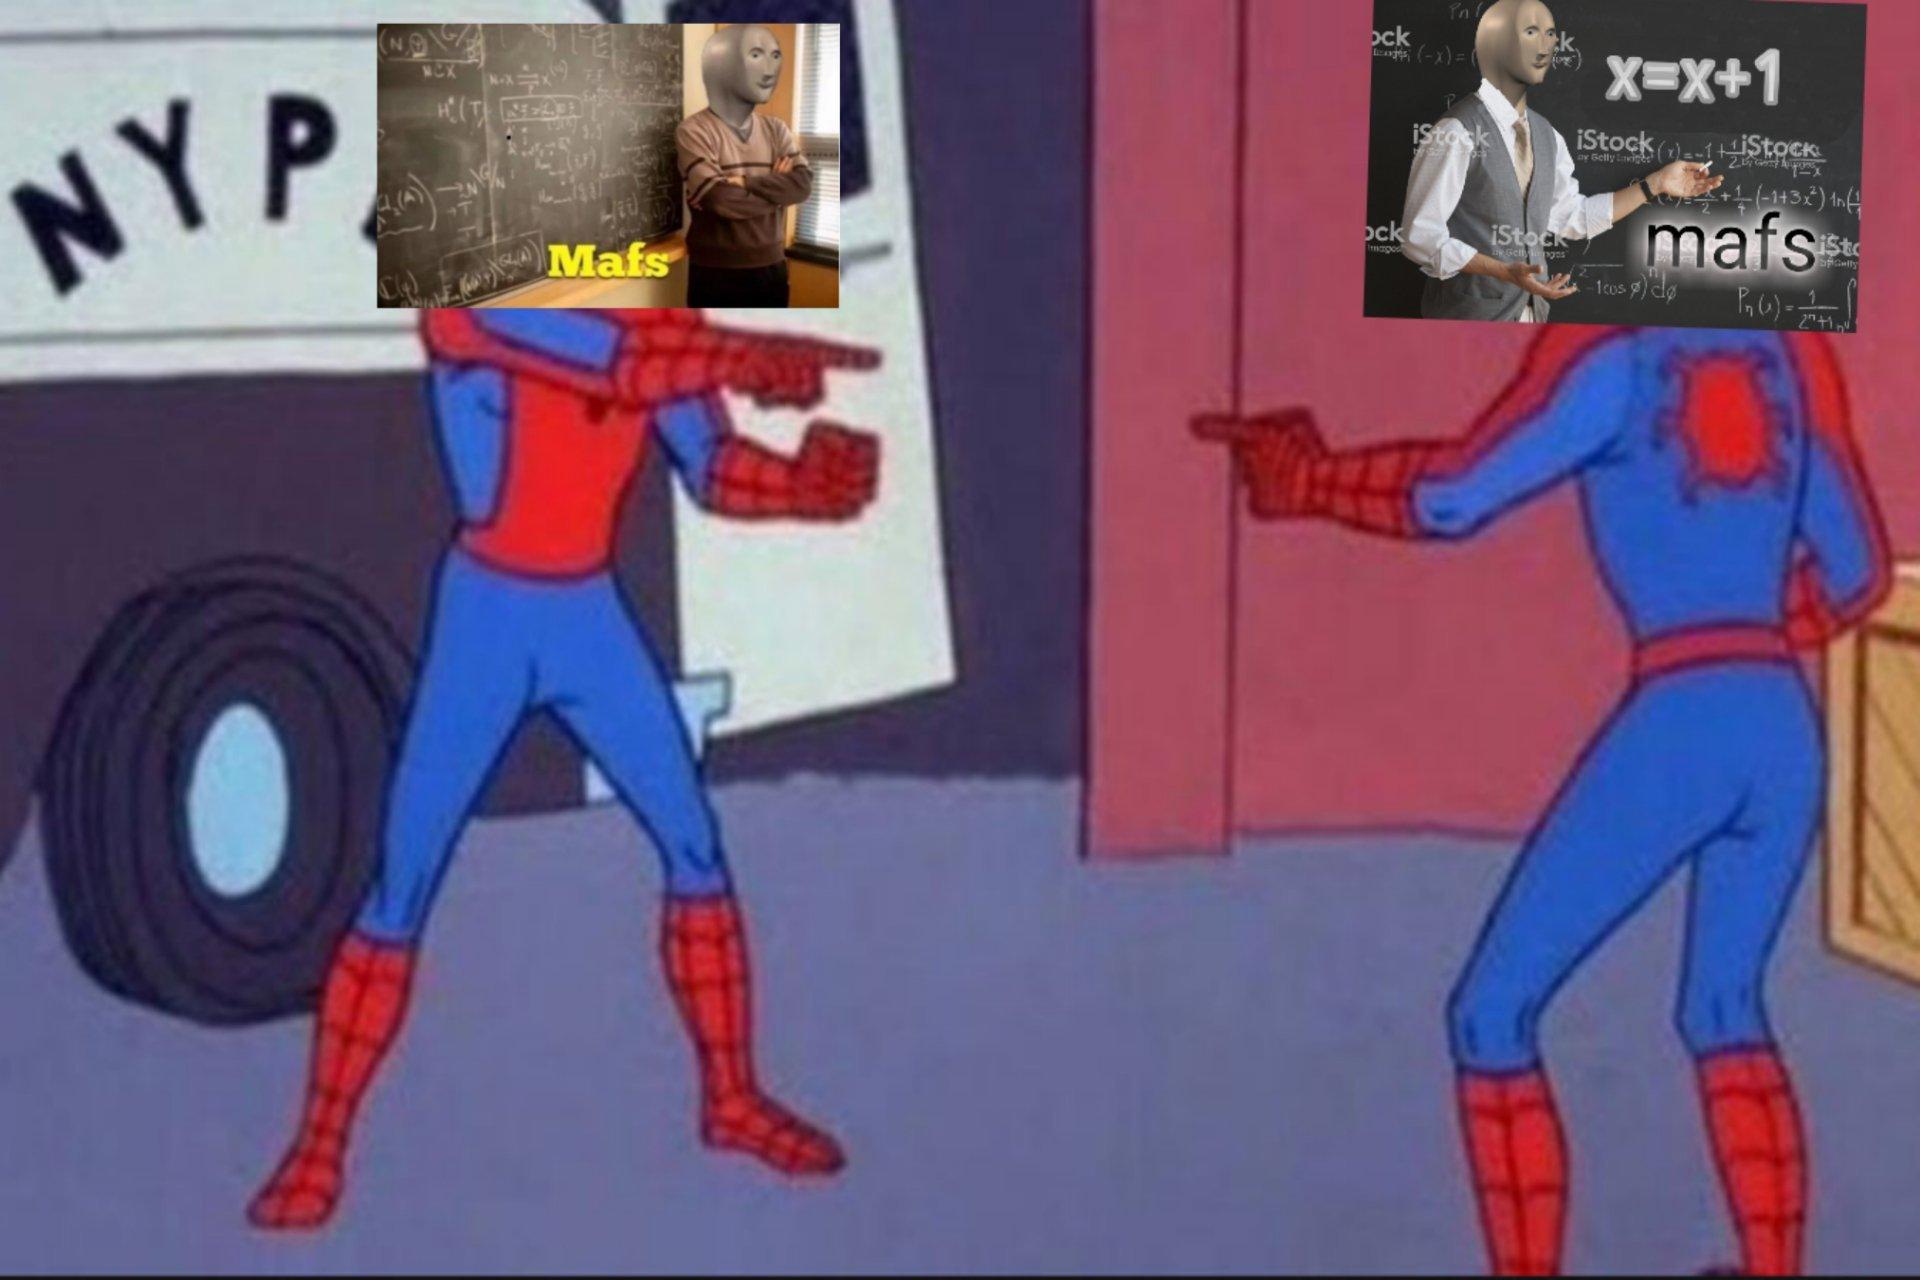 Mafs - meme